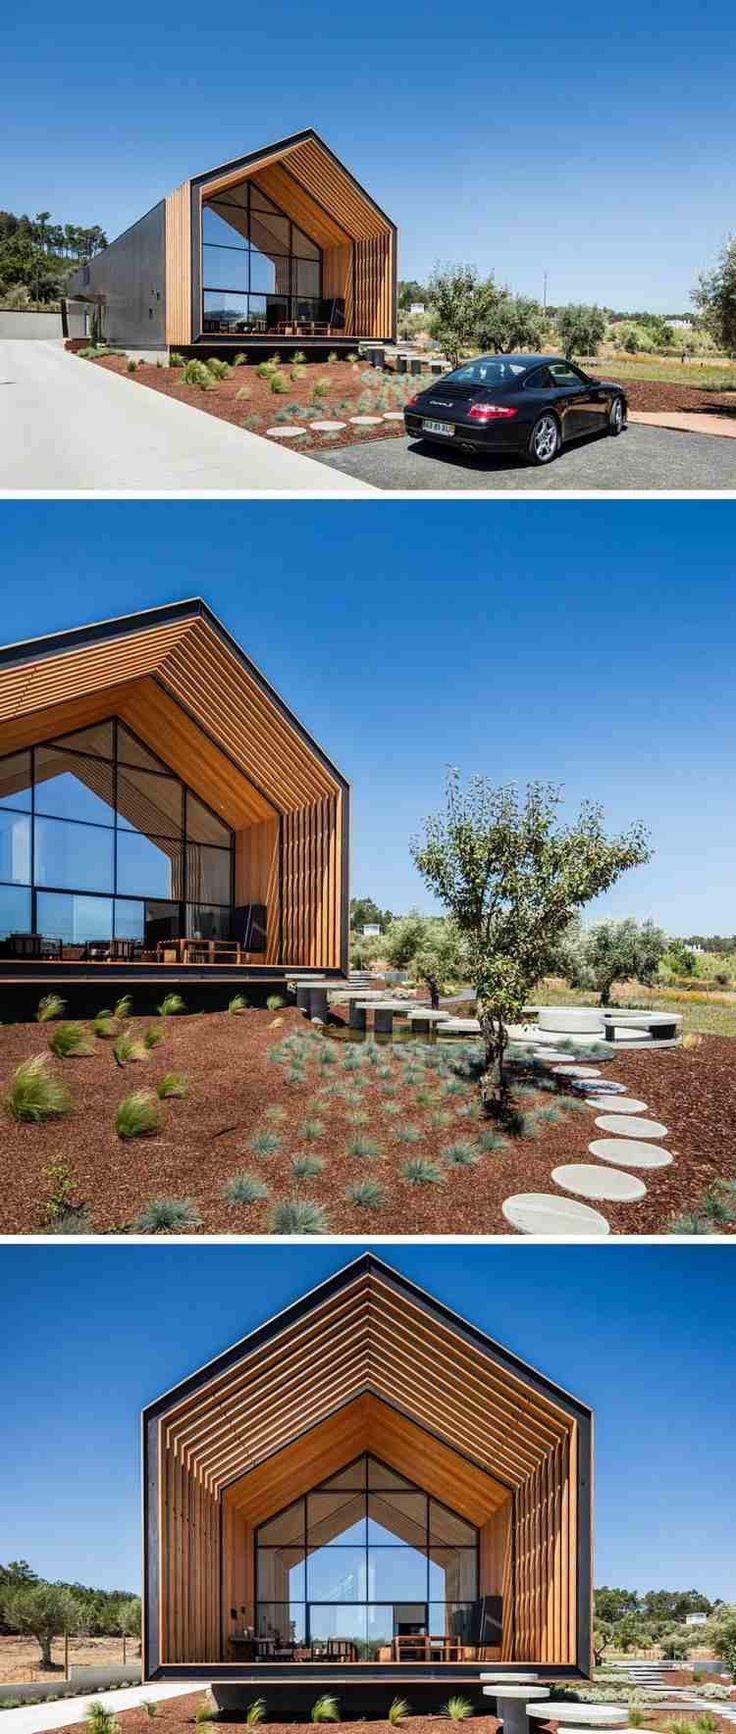 Fenêtre sur mesure pour un intérieur lumineux dans une maison design au Portugal!